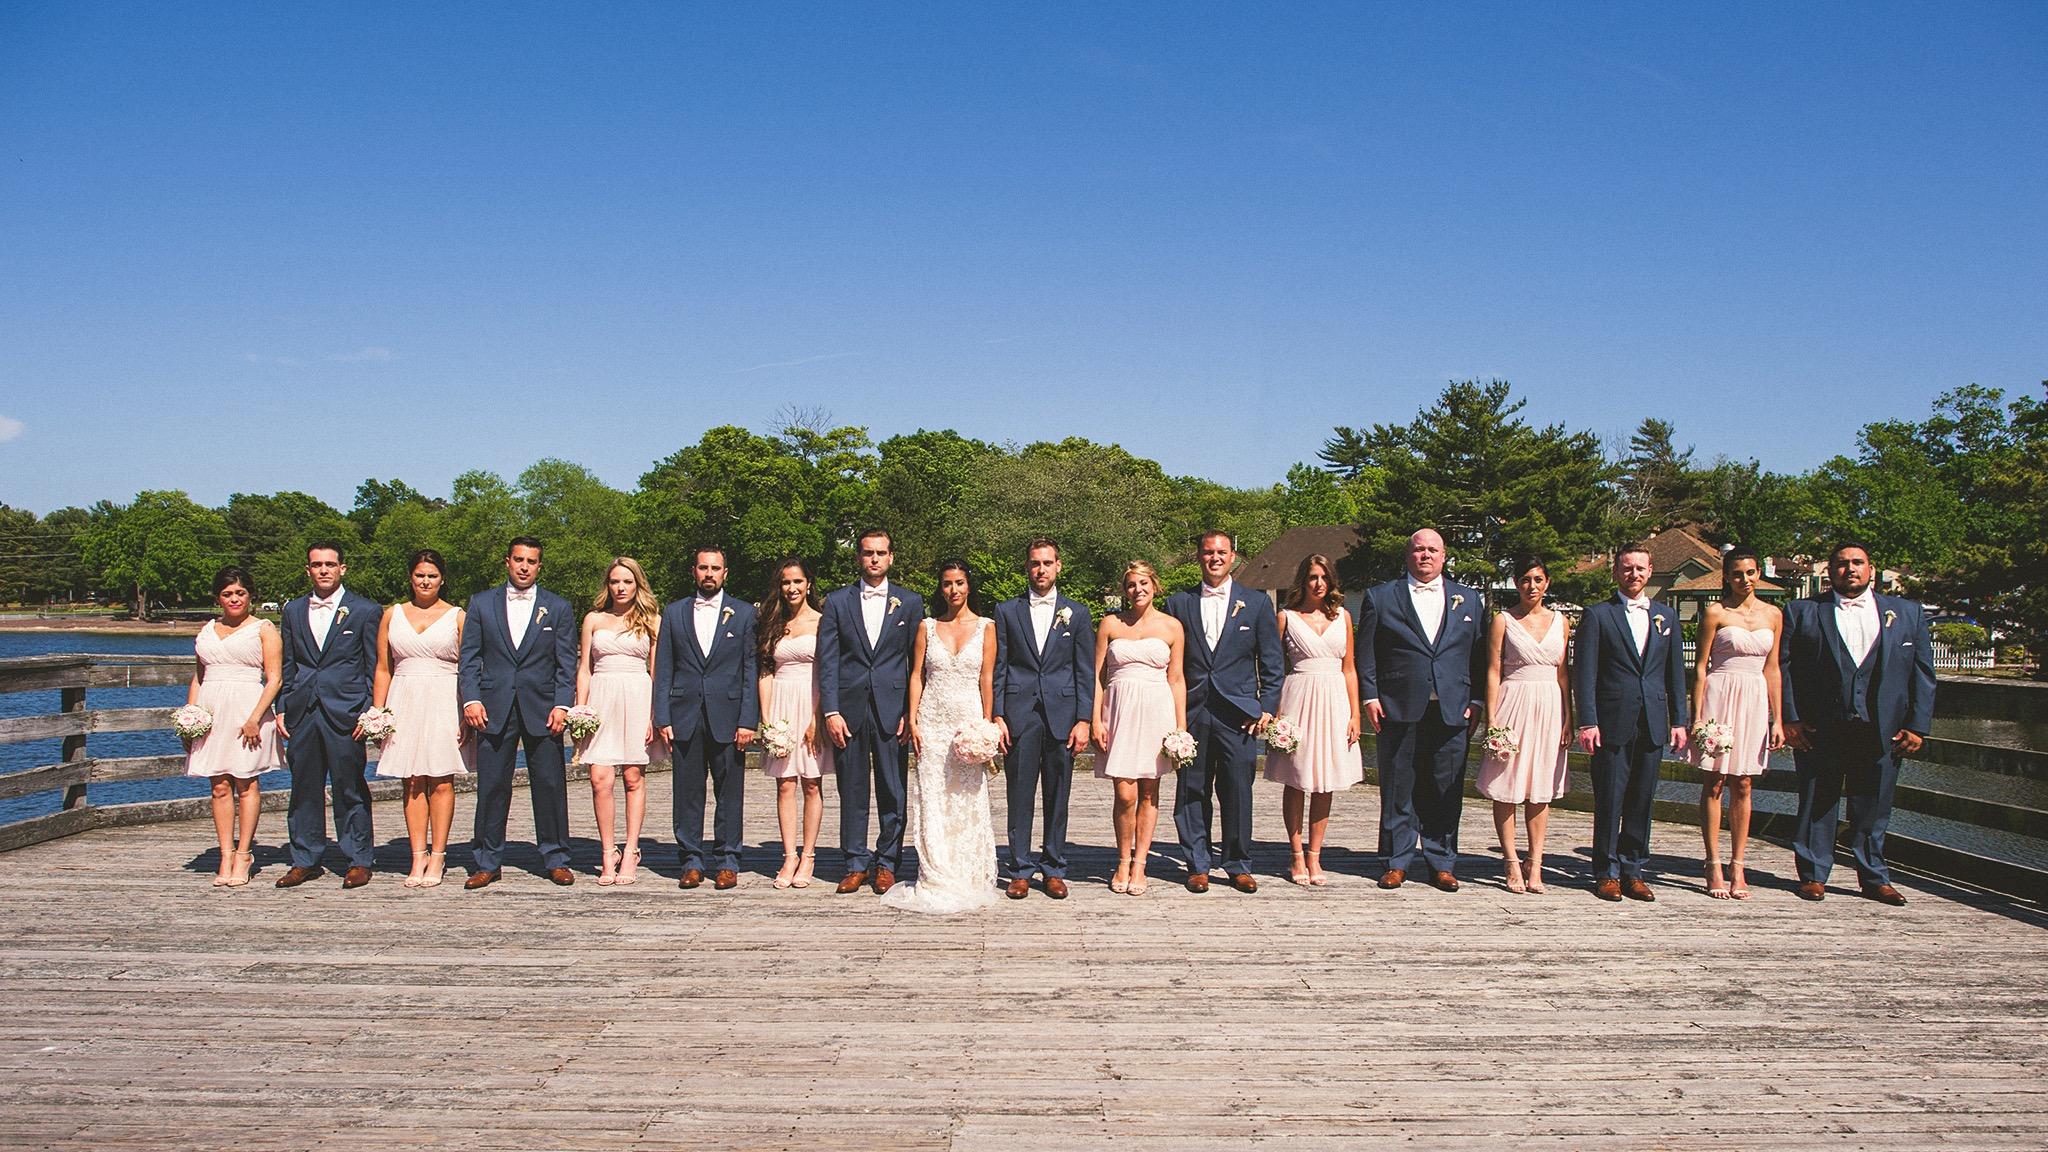 37-bridal-party-smithville-inn.jpg